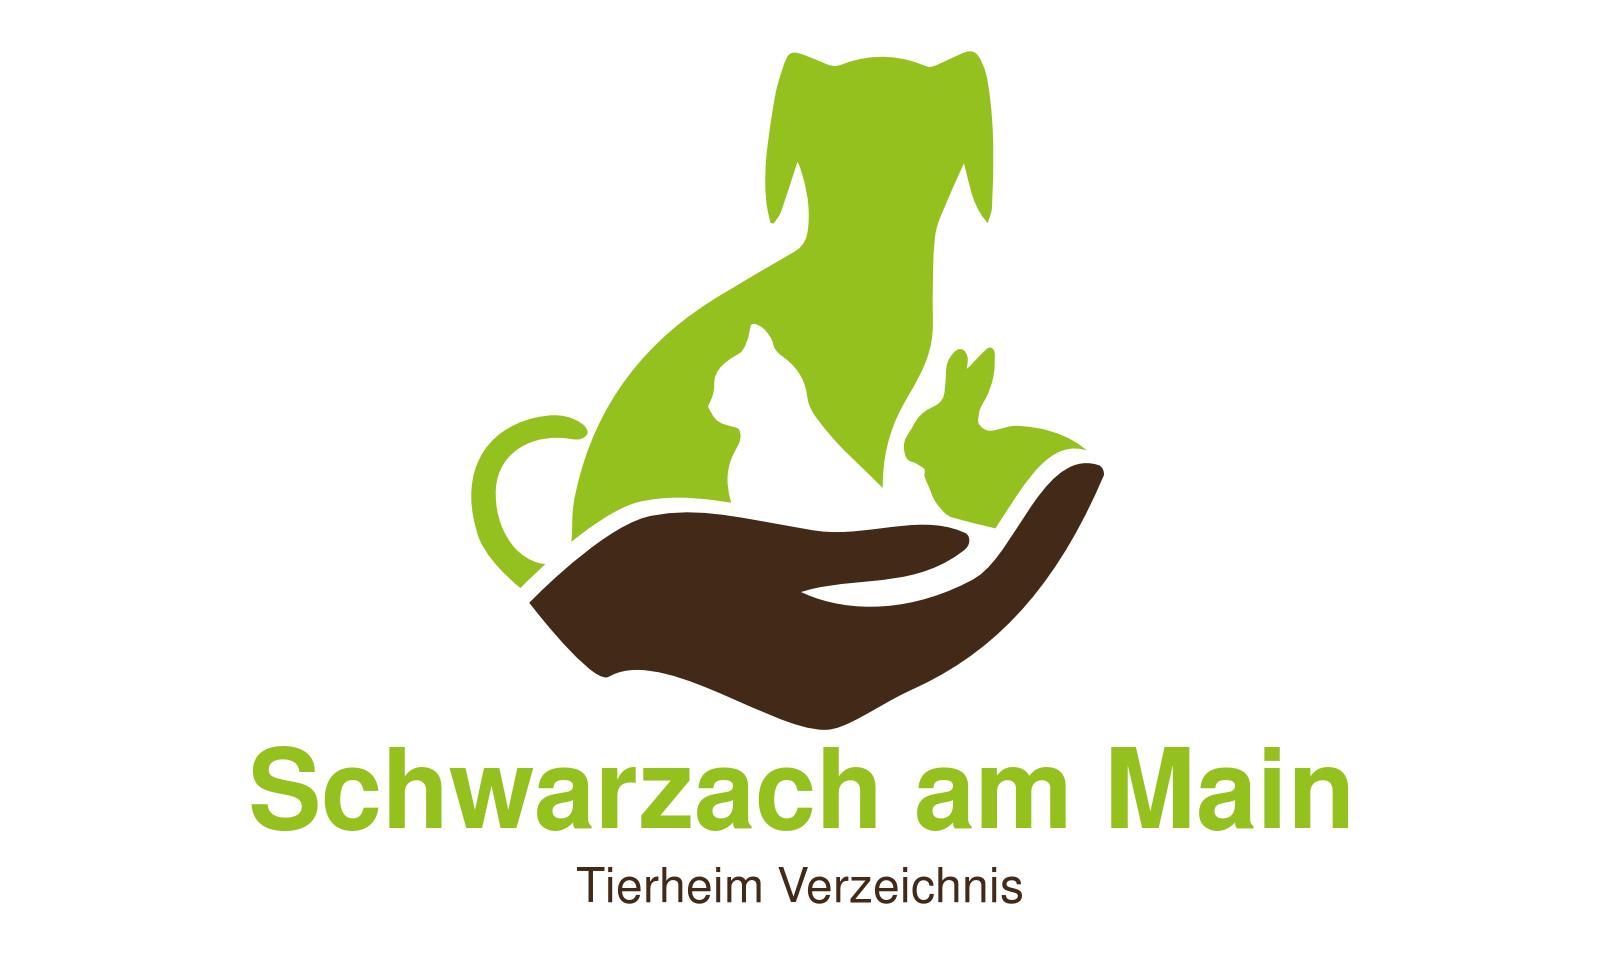 Tierheim Schwarzach am Main